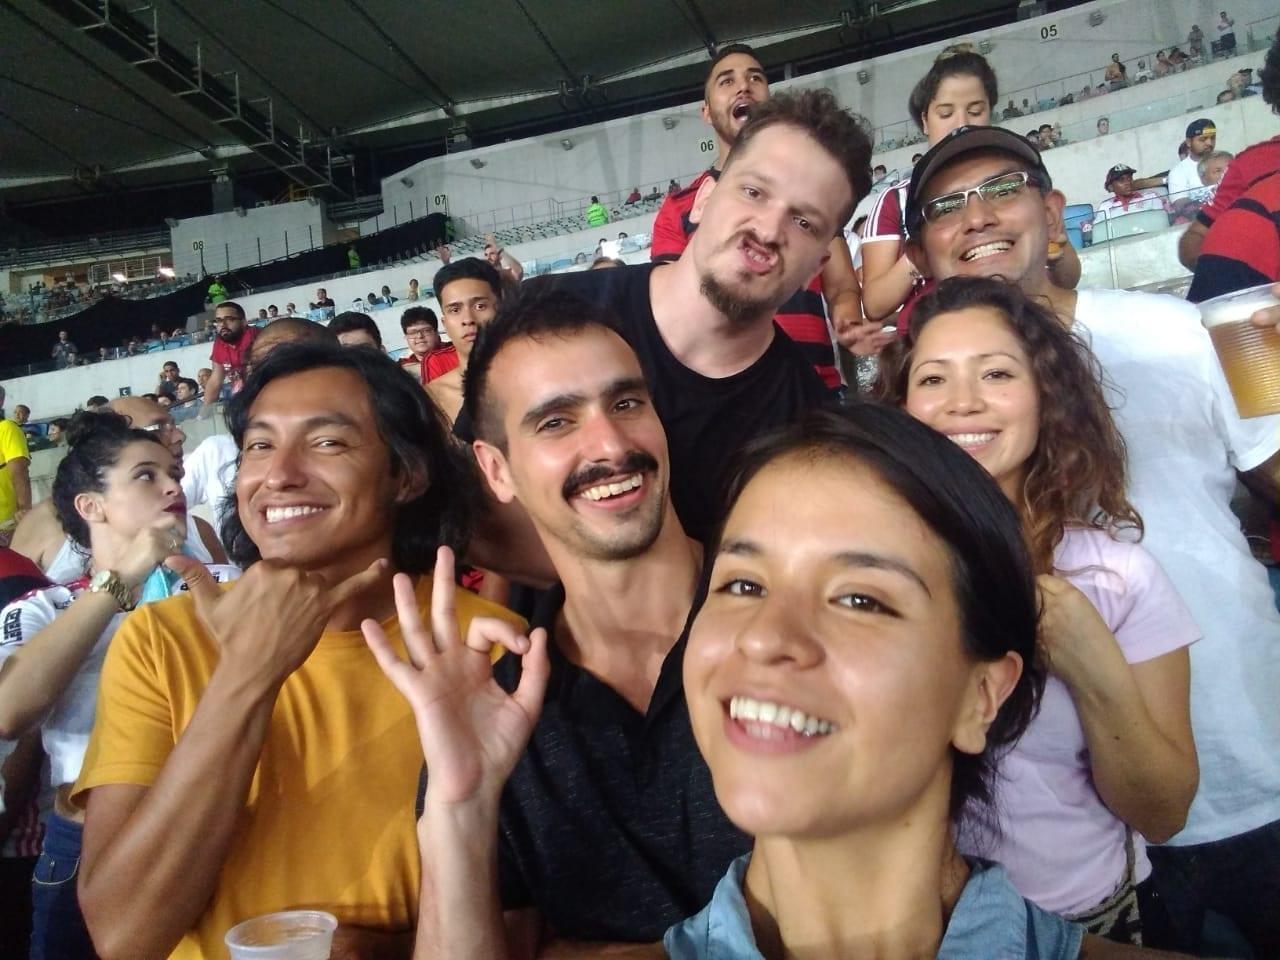 Un emocionante partido en el estadio Maracaná.